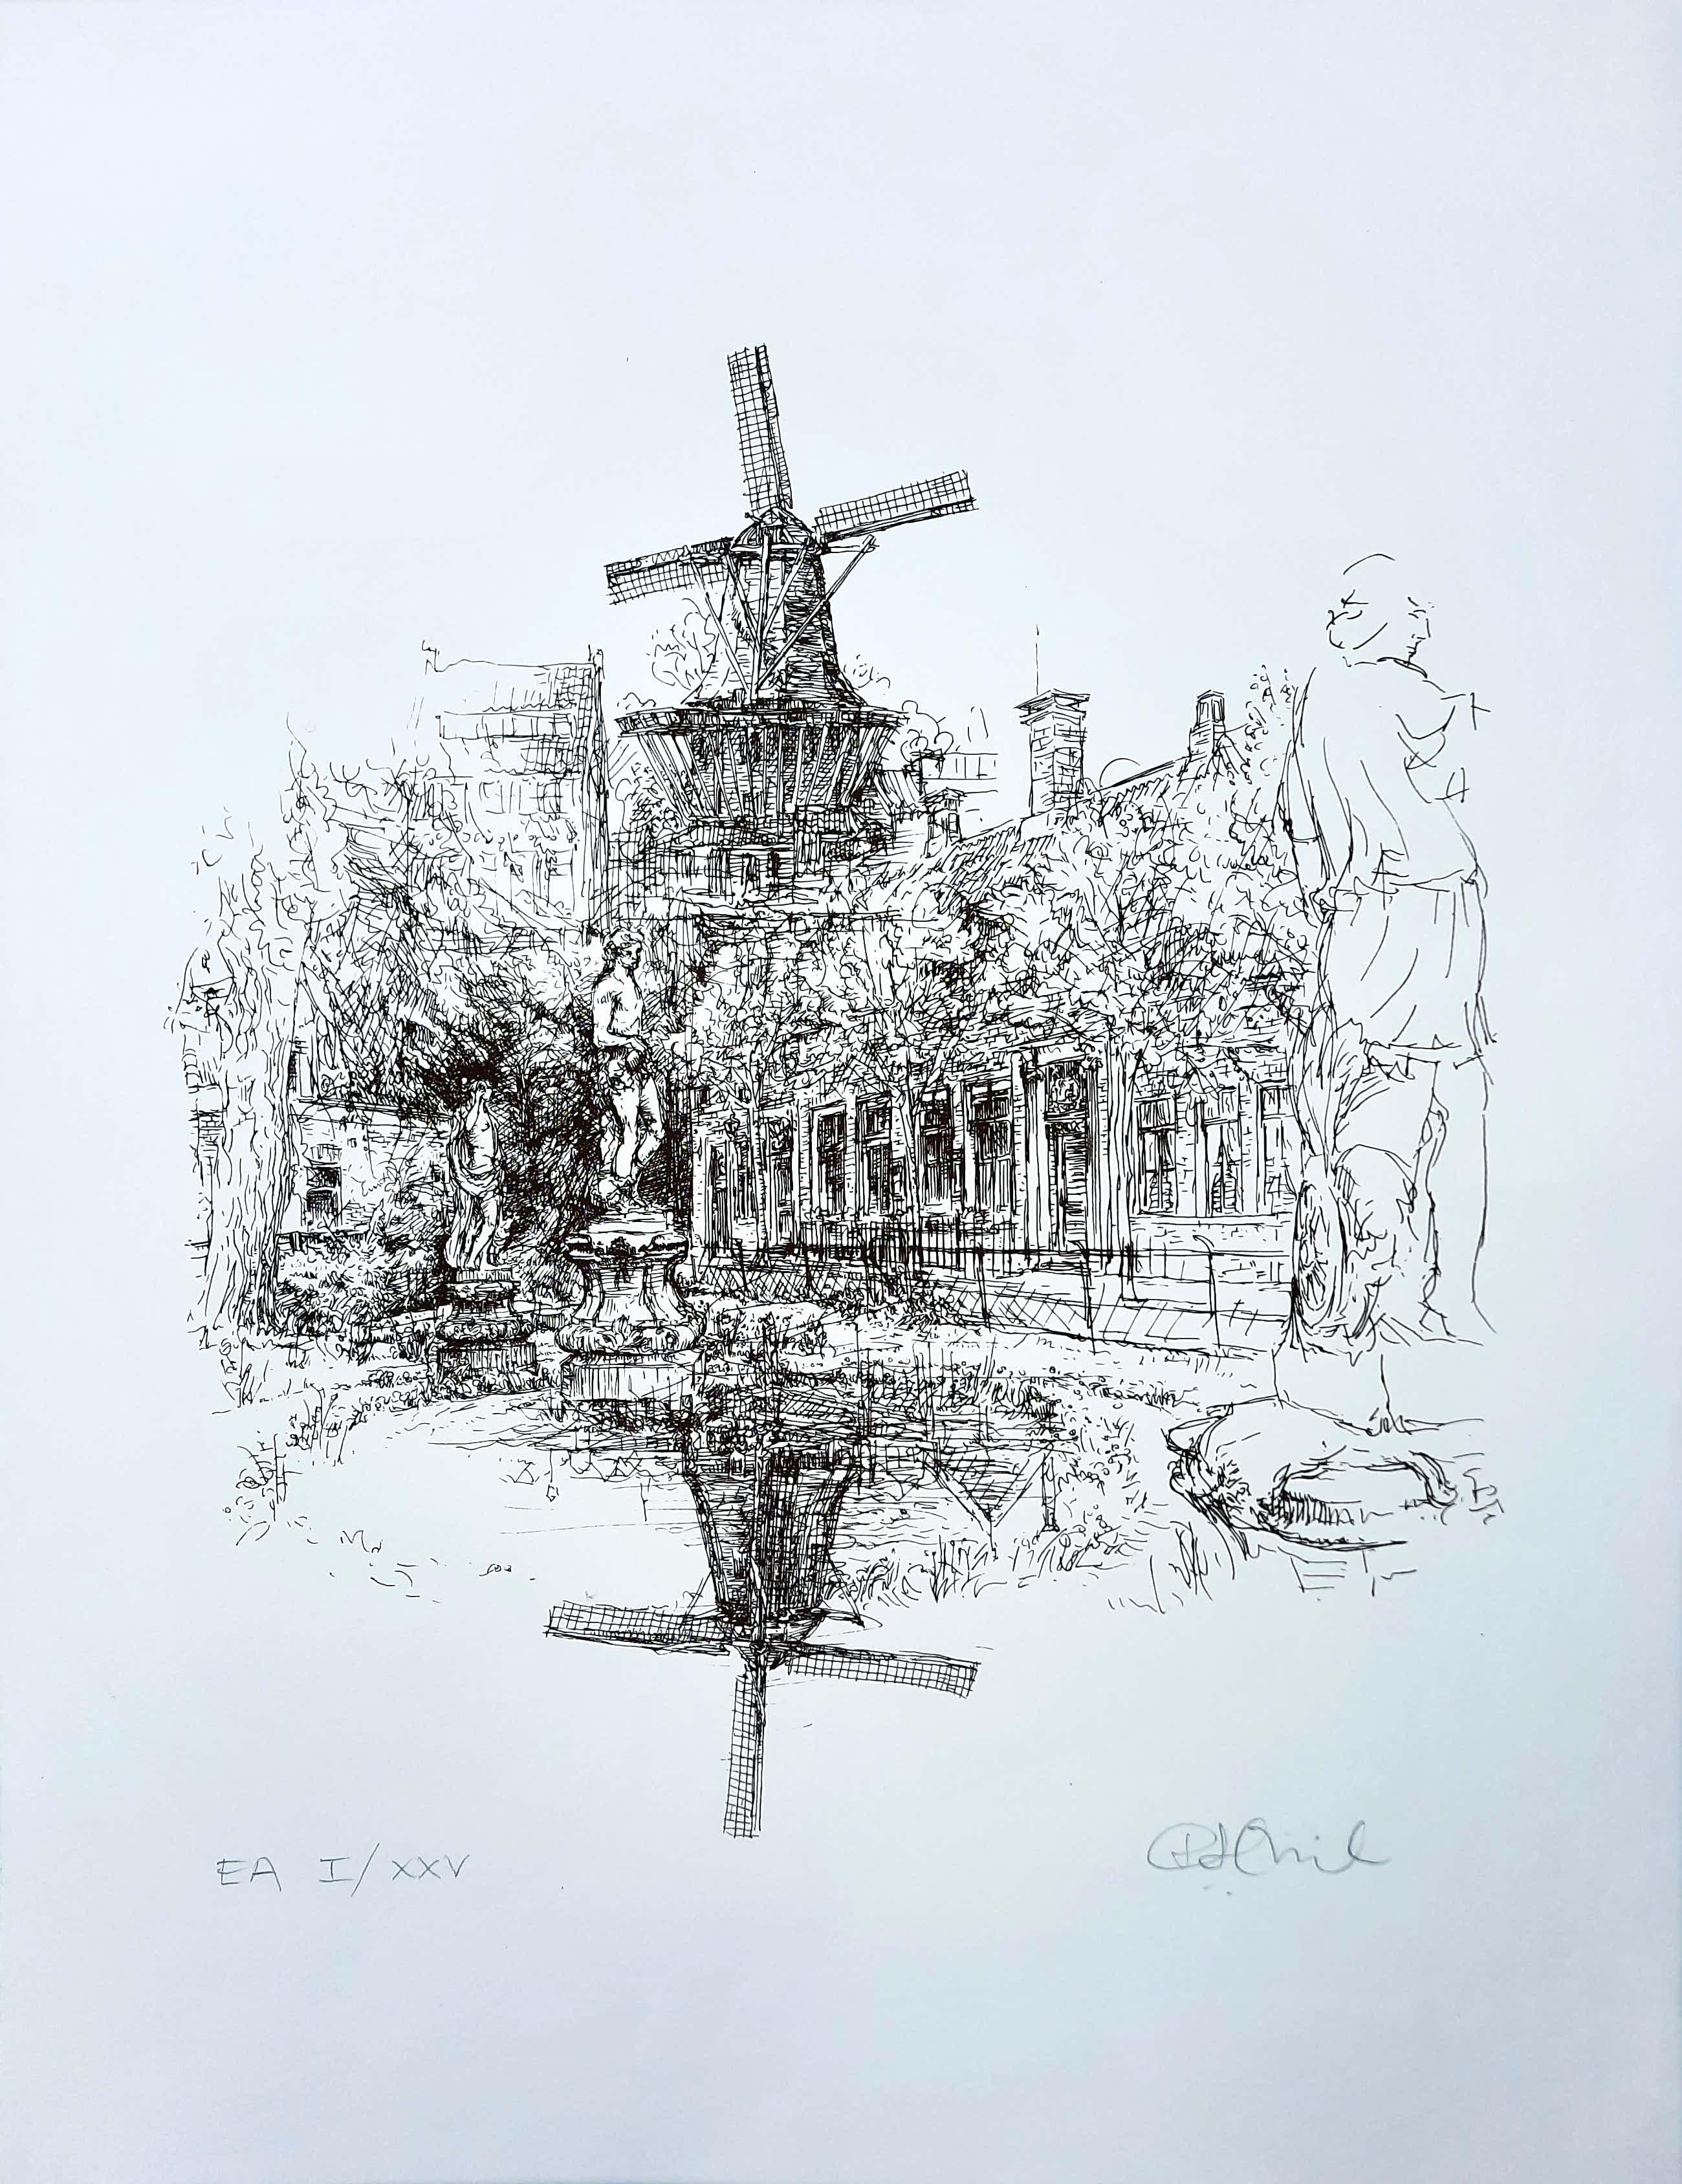 Piet Hein Zijl - zeefdruk - Zaandijk e.a. I/XXV - 21492 kopen? Bied vanaf 70!